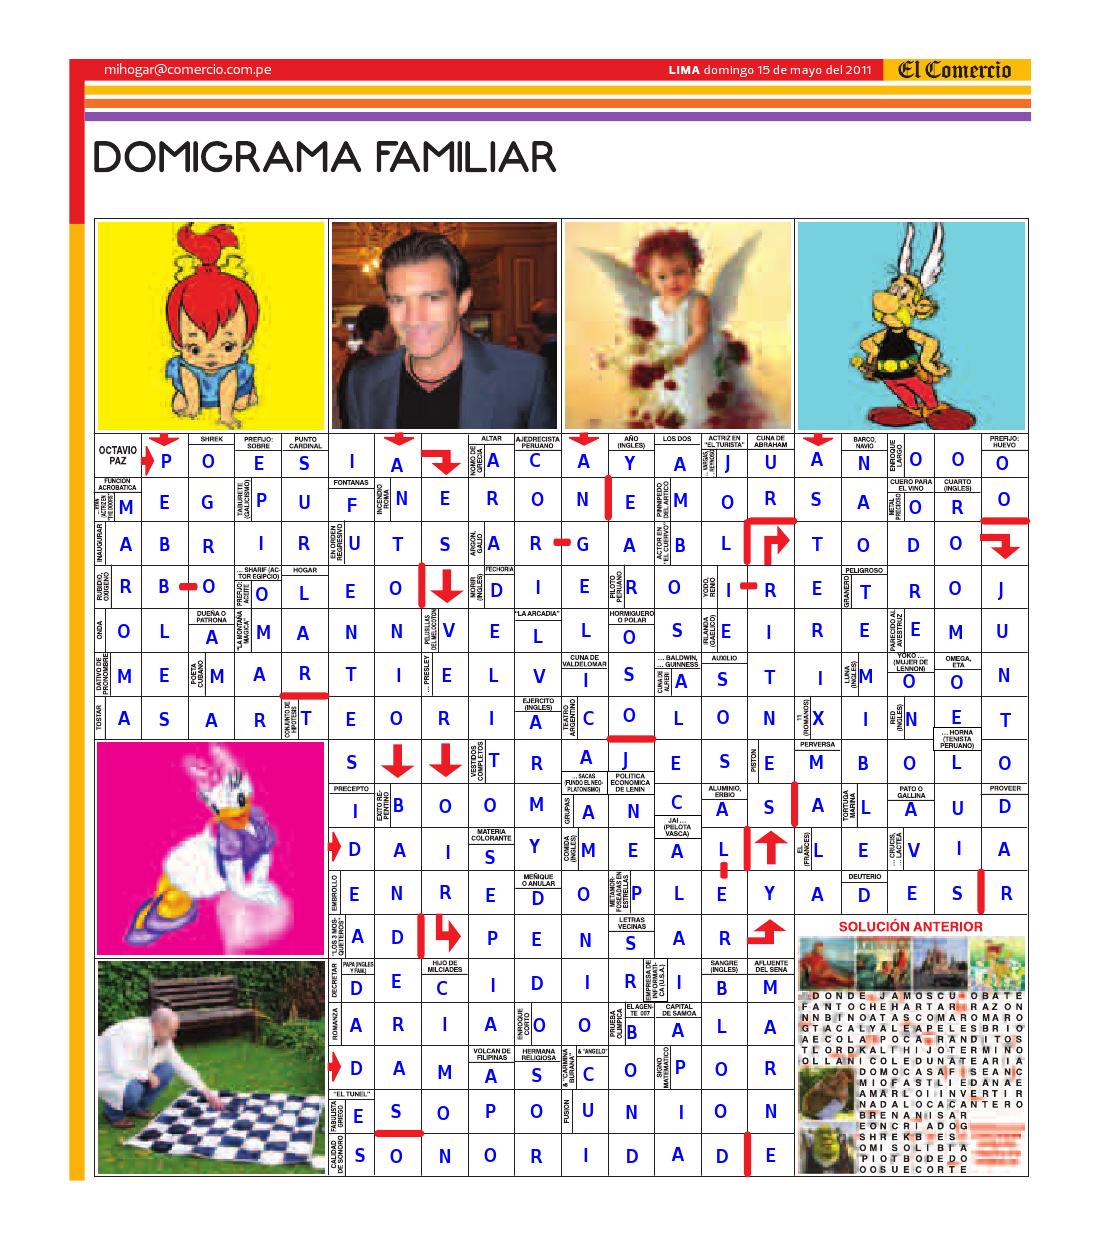 Solución del Dominigrama Familiar del domingo 15 de mayo del 2011